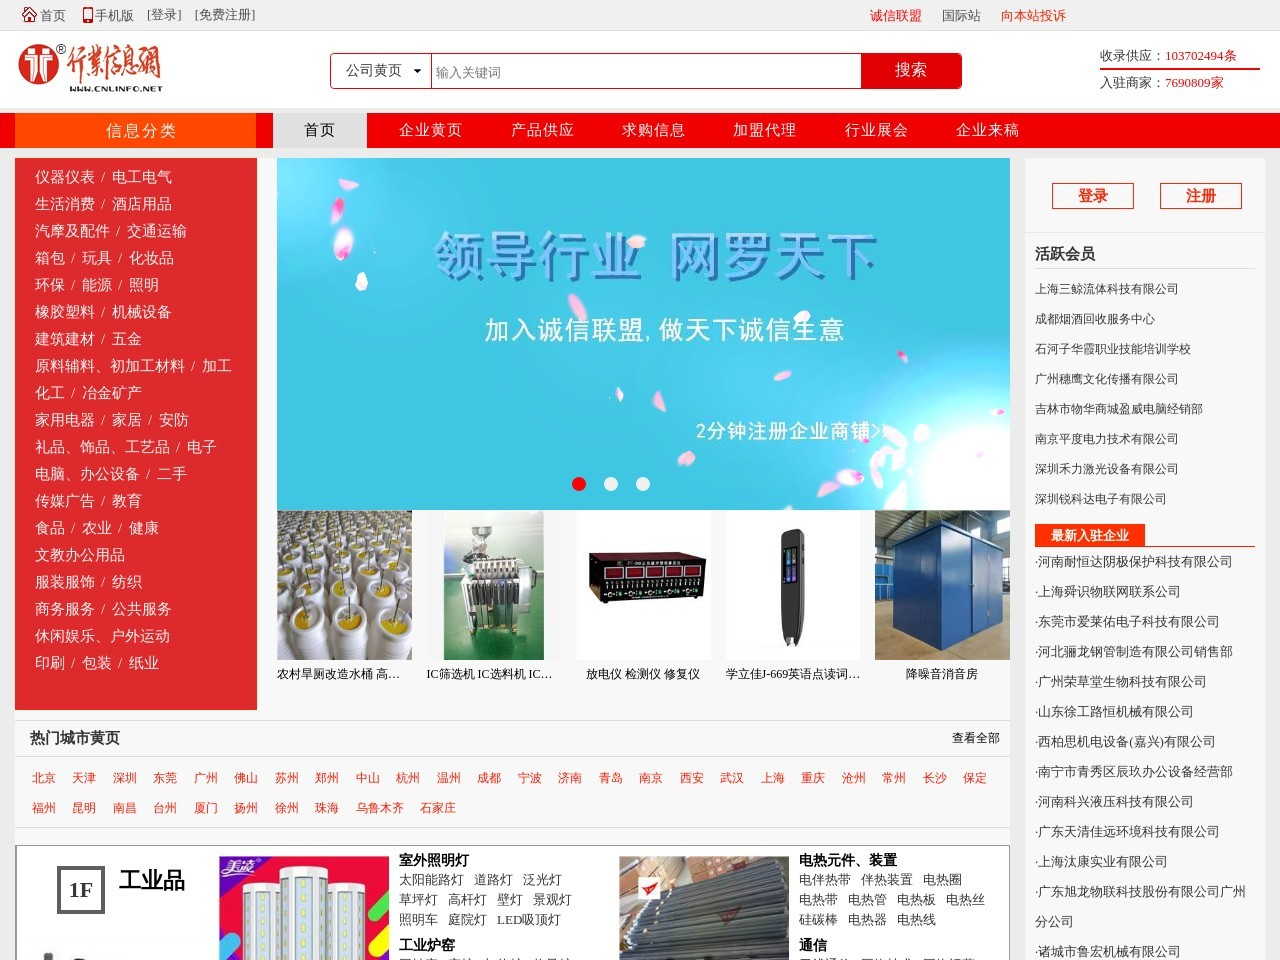 【鸽子蛋】鸽子蛋价格_鸽子蛋批发 - 中国行业信息网